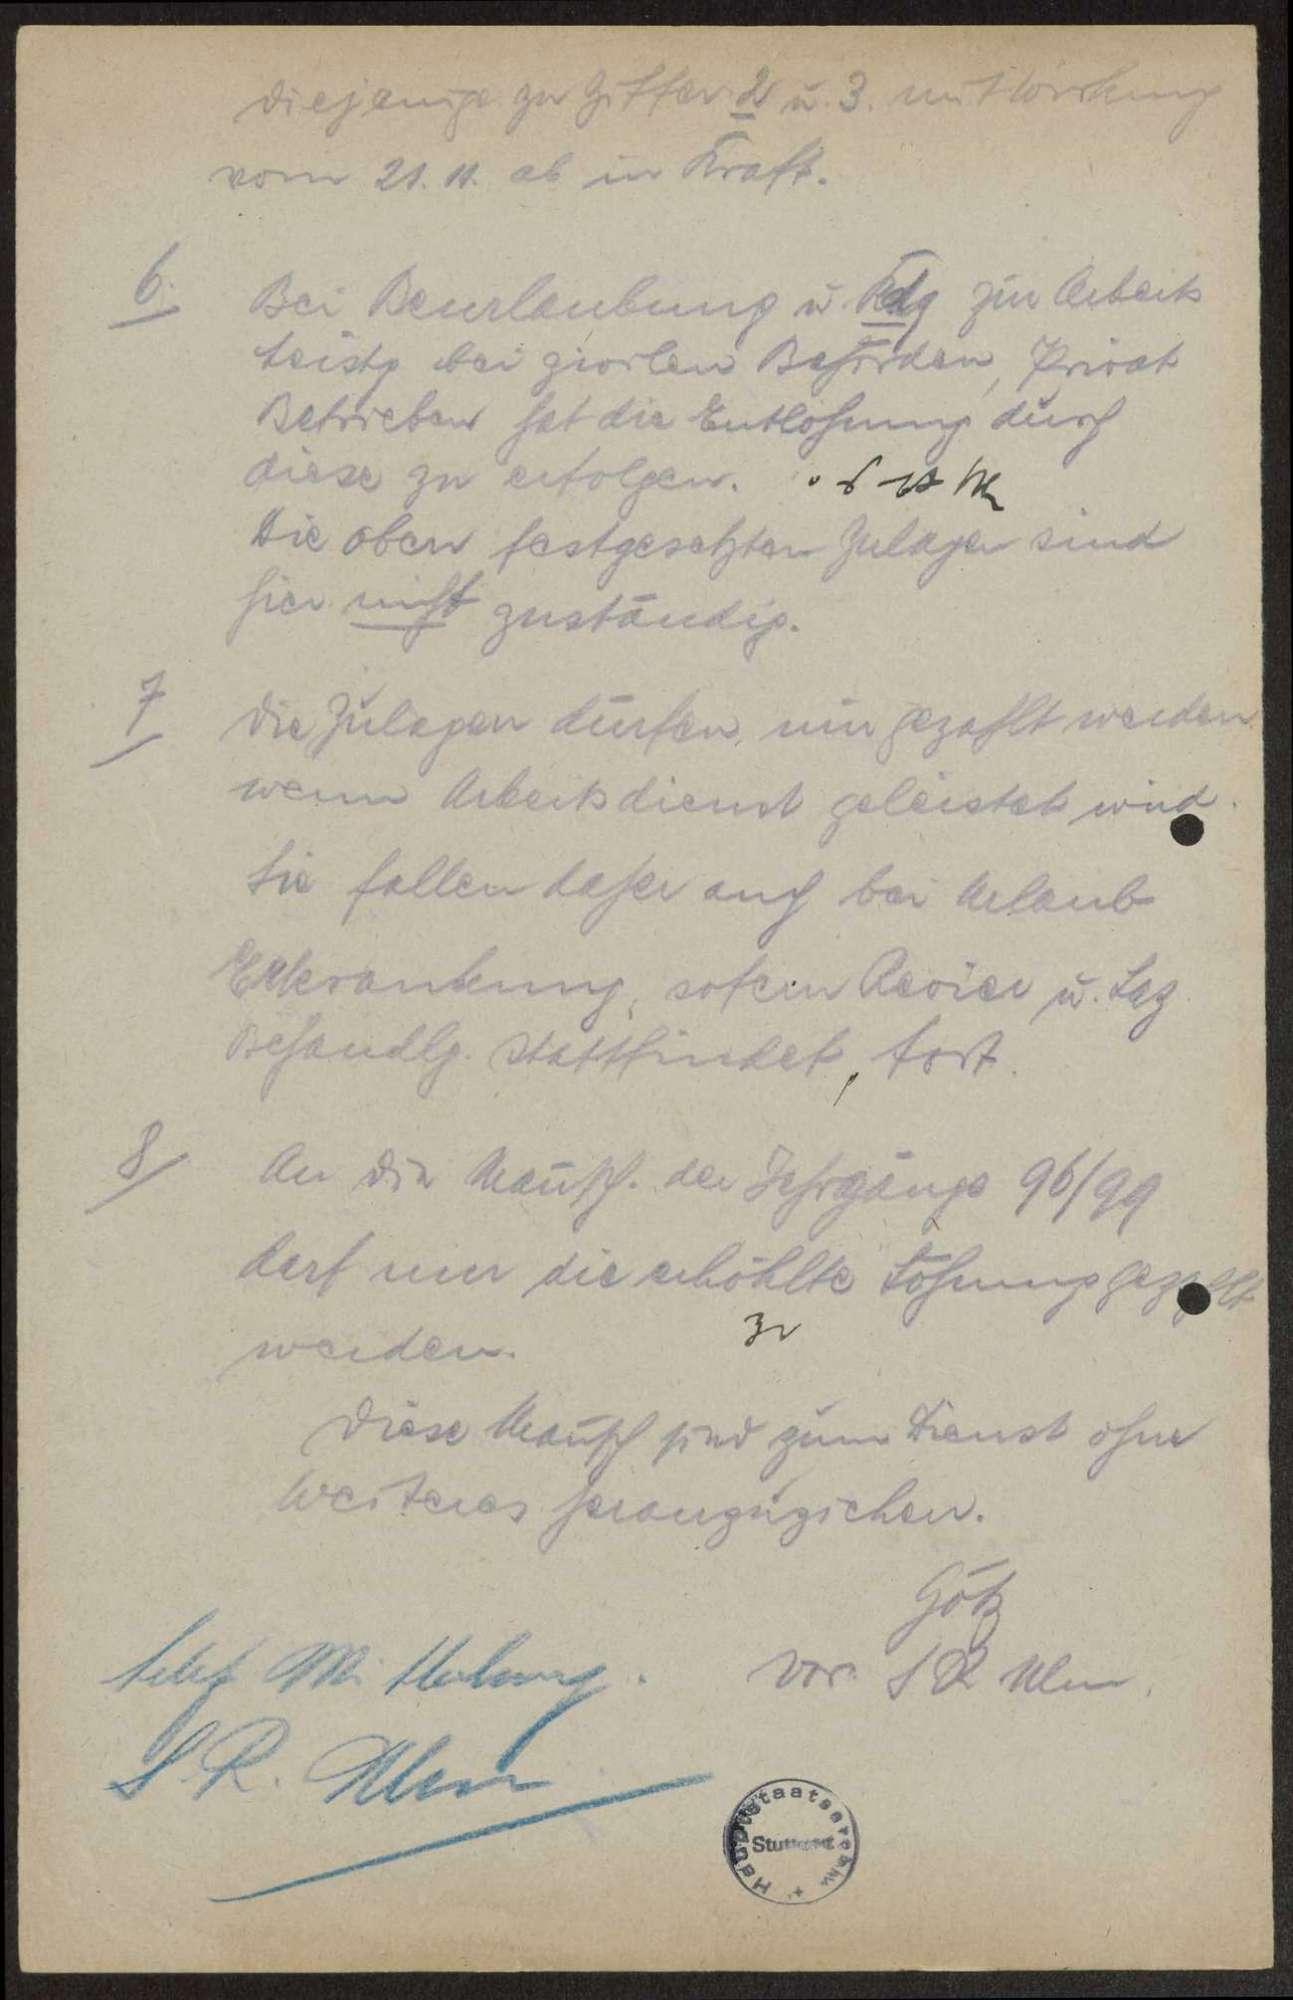 Festlegung der Löhnung und Zulagen für Offiziere und Mannschaften, Bild 2